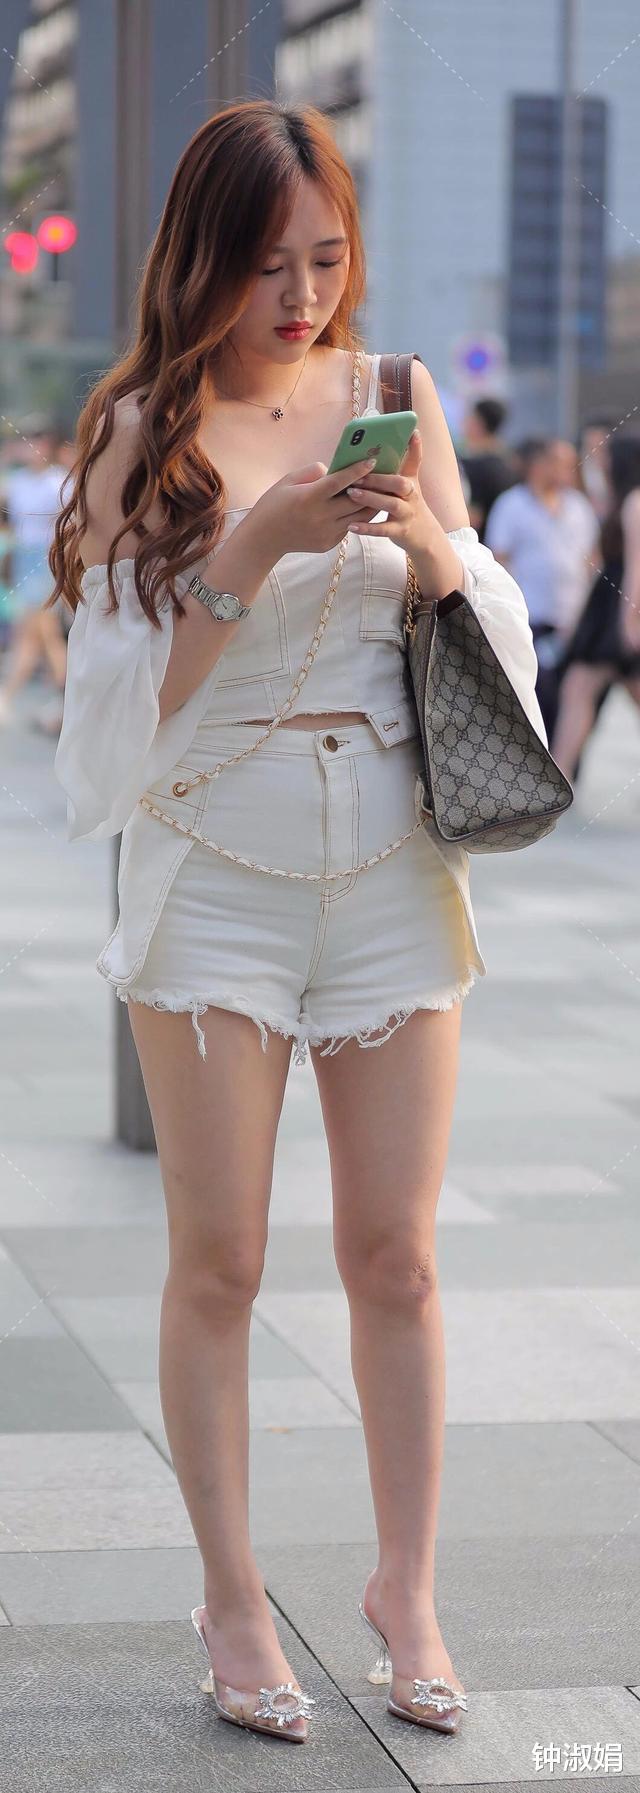 小姐姐一袭牛仔风穿搭,传递着与众不同的美感和气质,时髦又漂亮